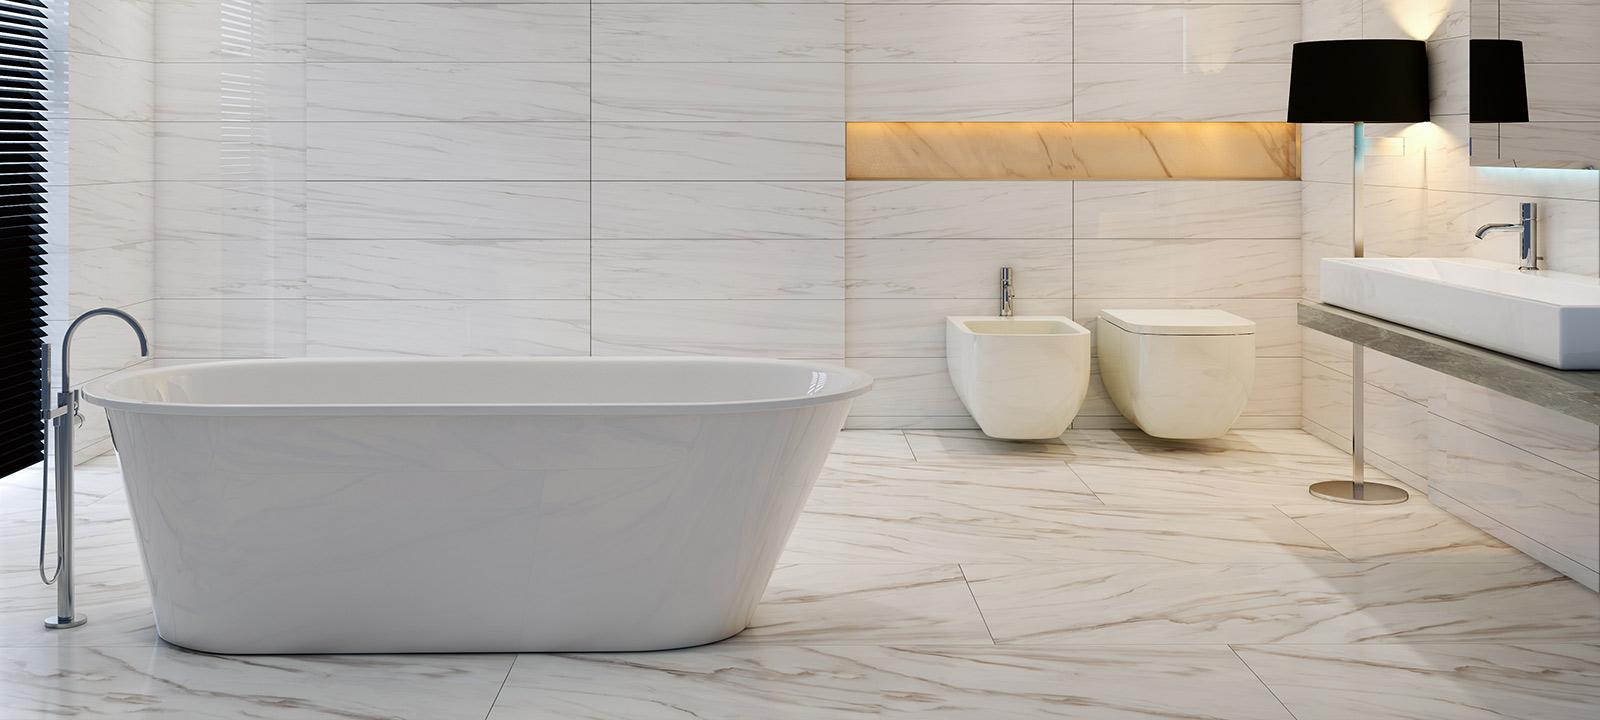 Is ceramic tile better than porcelain